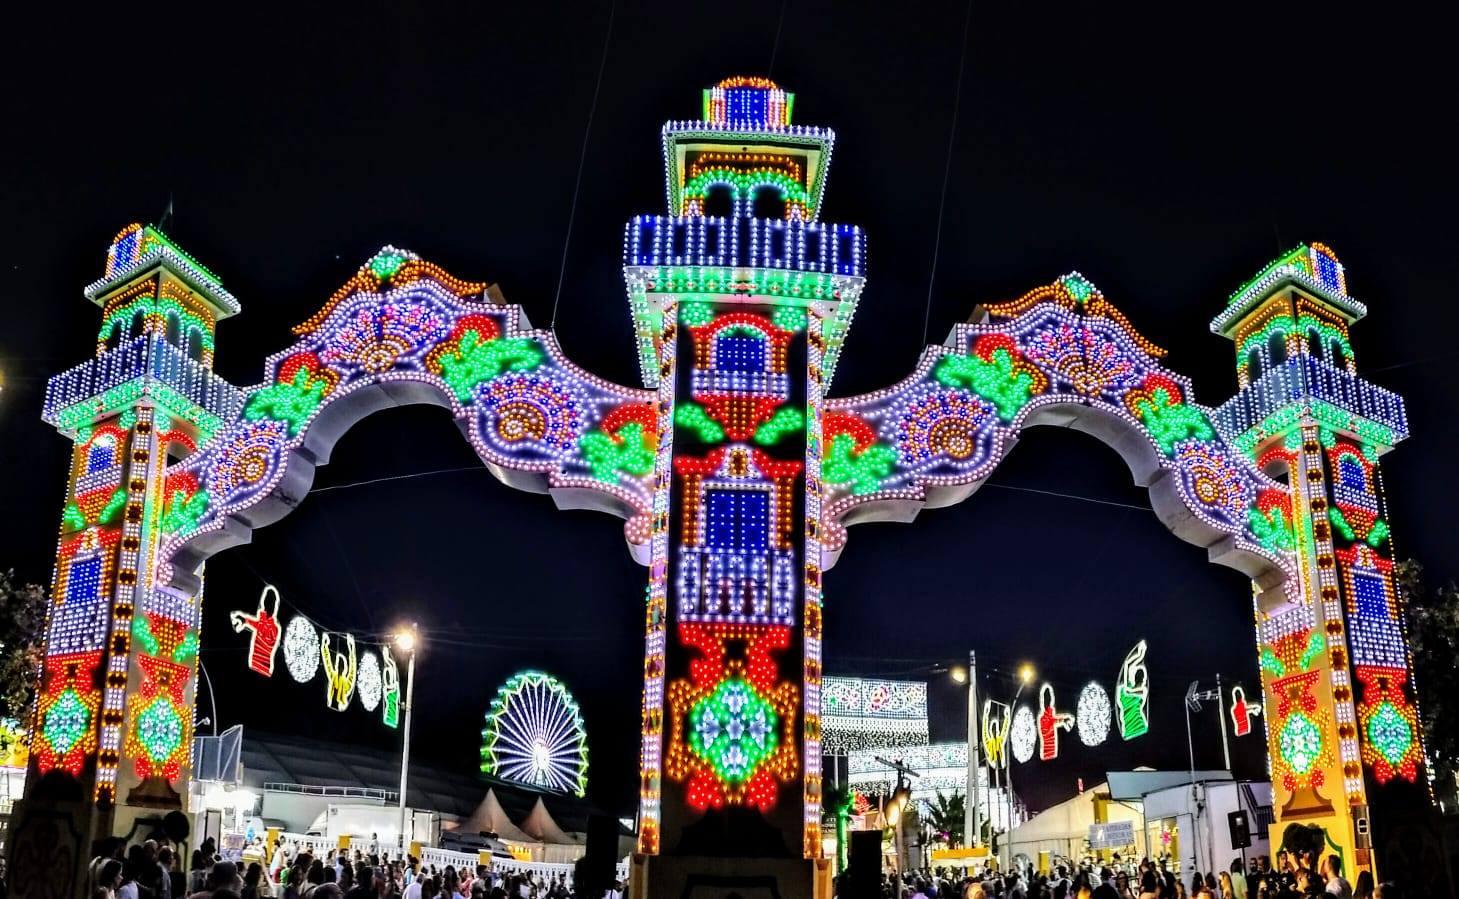 La Junta Local de Gobierno acuerda que la Feria se celebre del 30 de agosto al 5 de septiembre